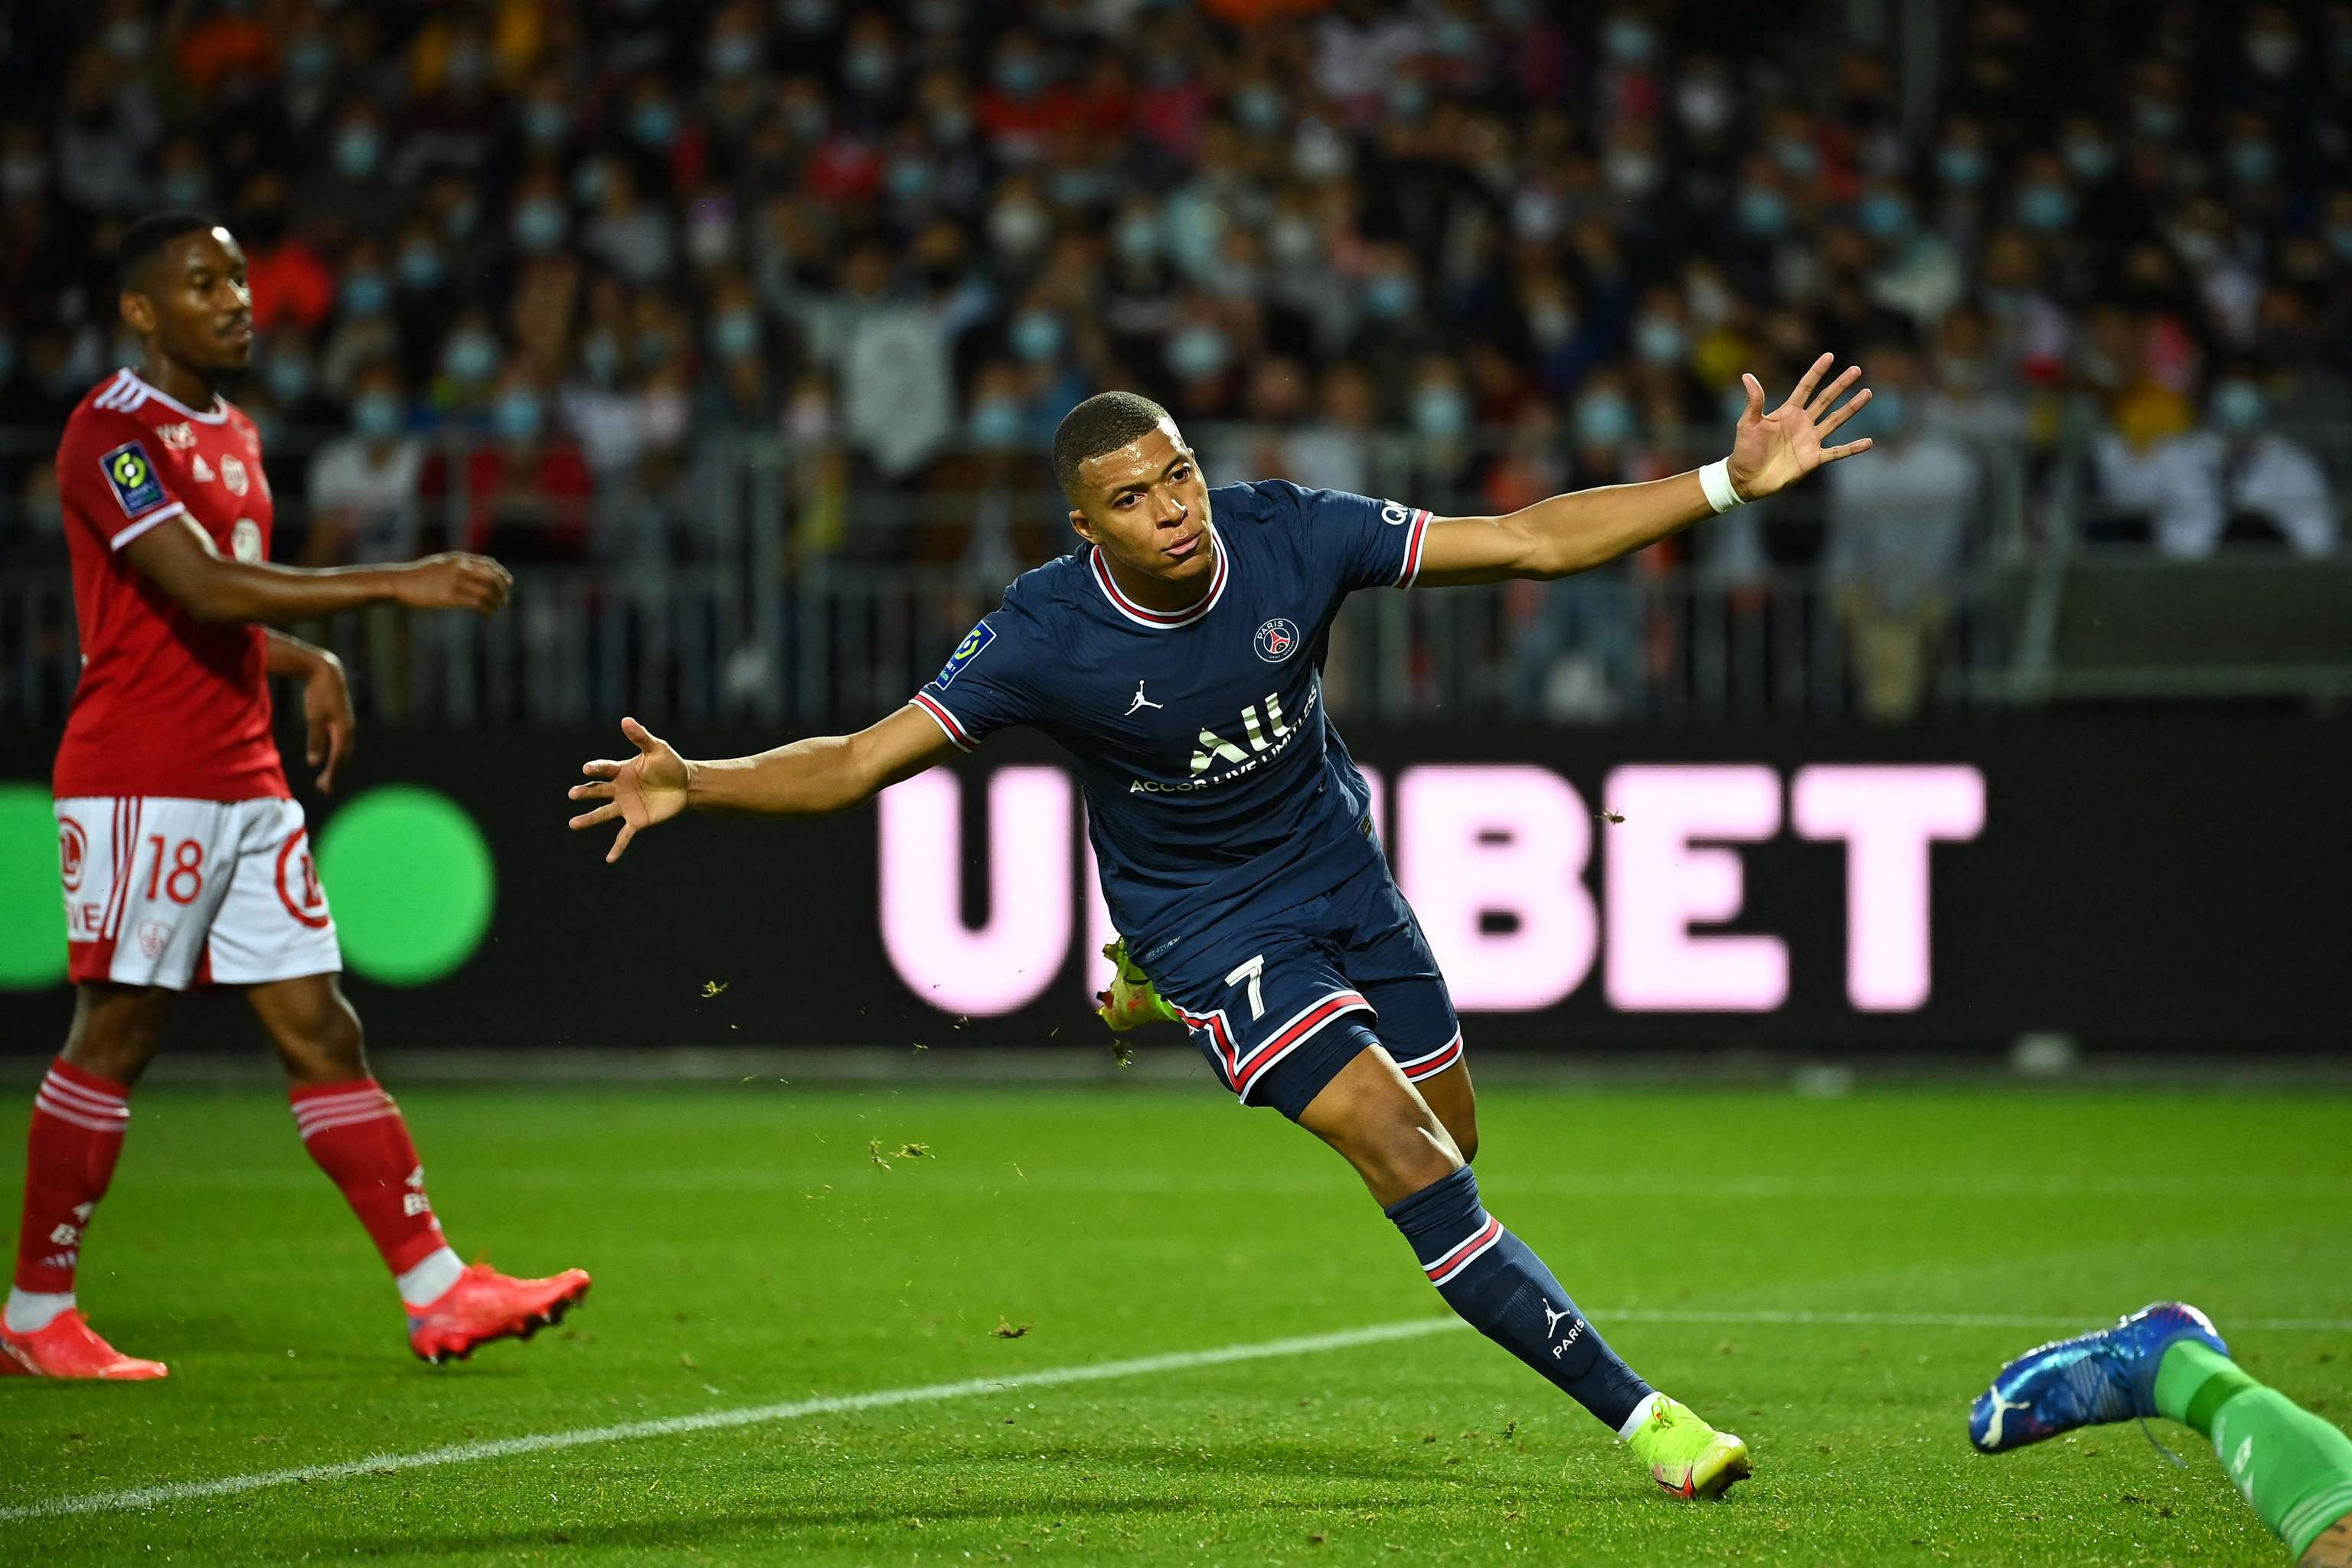 Mbppé celebra el gol marcado el pasado viernes